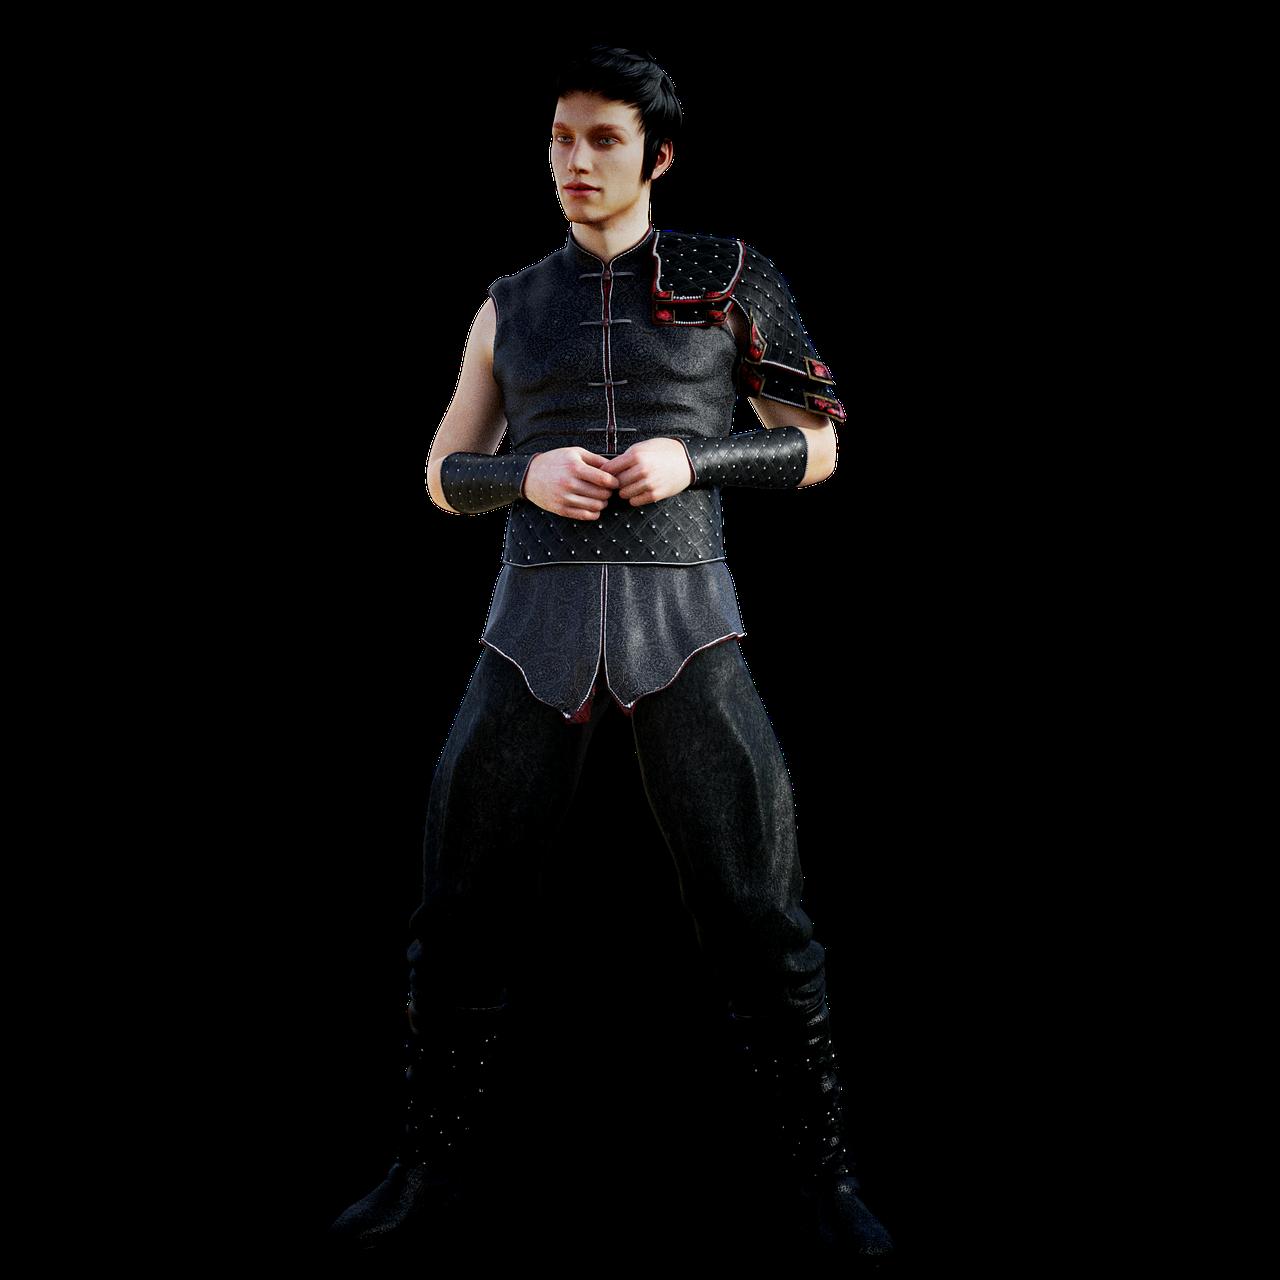 warrior, fighter, man-2065947.jpg